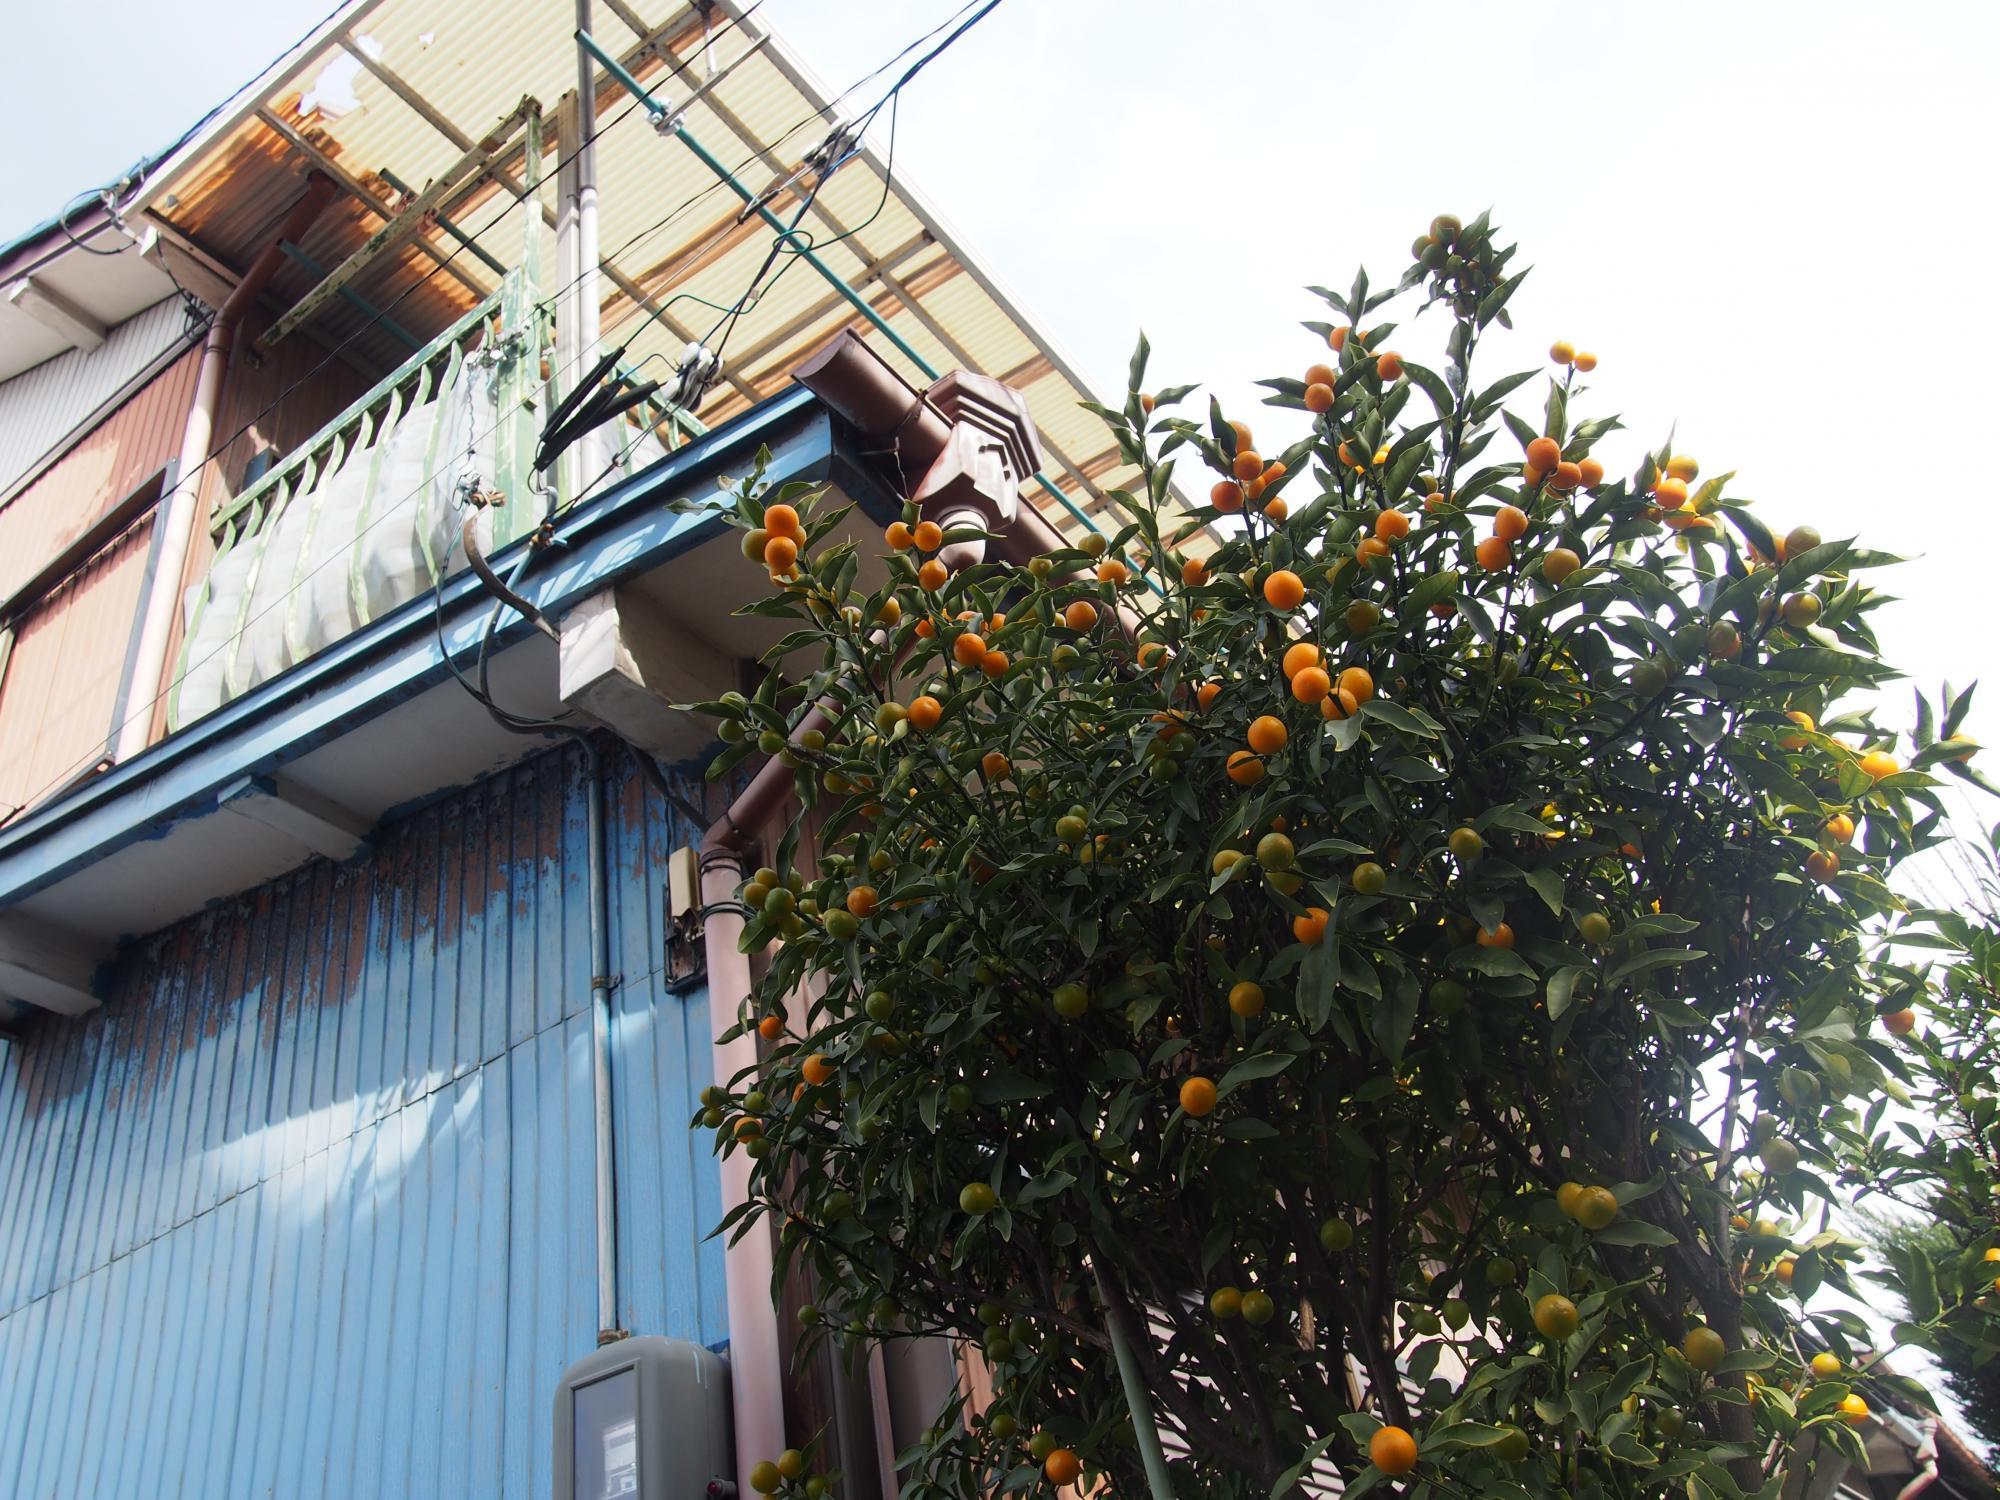 水色ベランダとオレンジの木